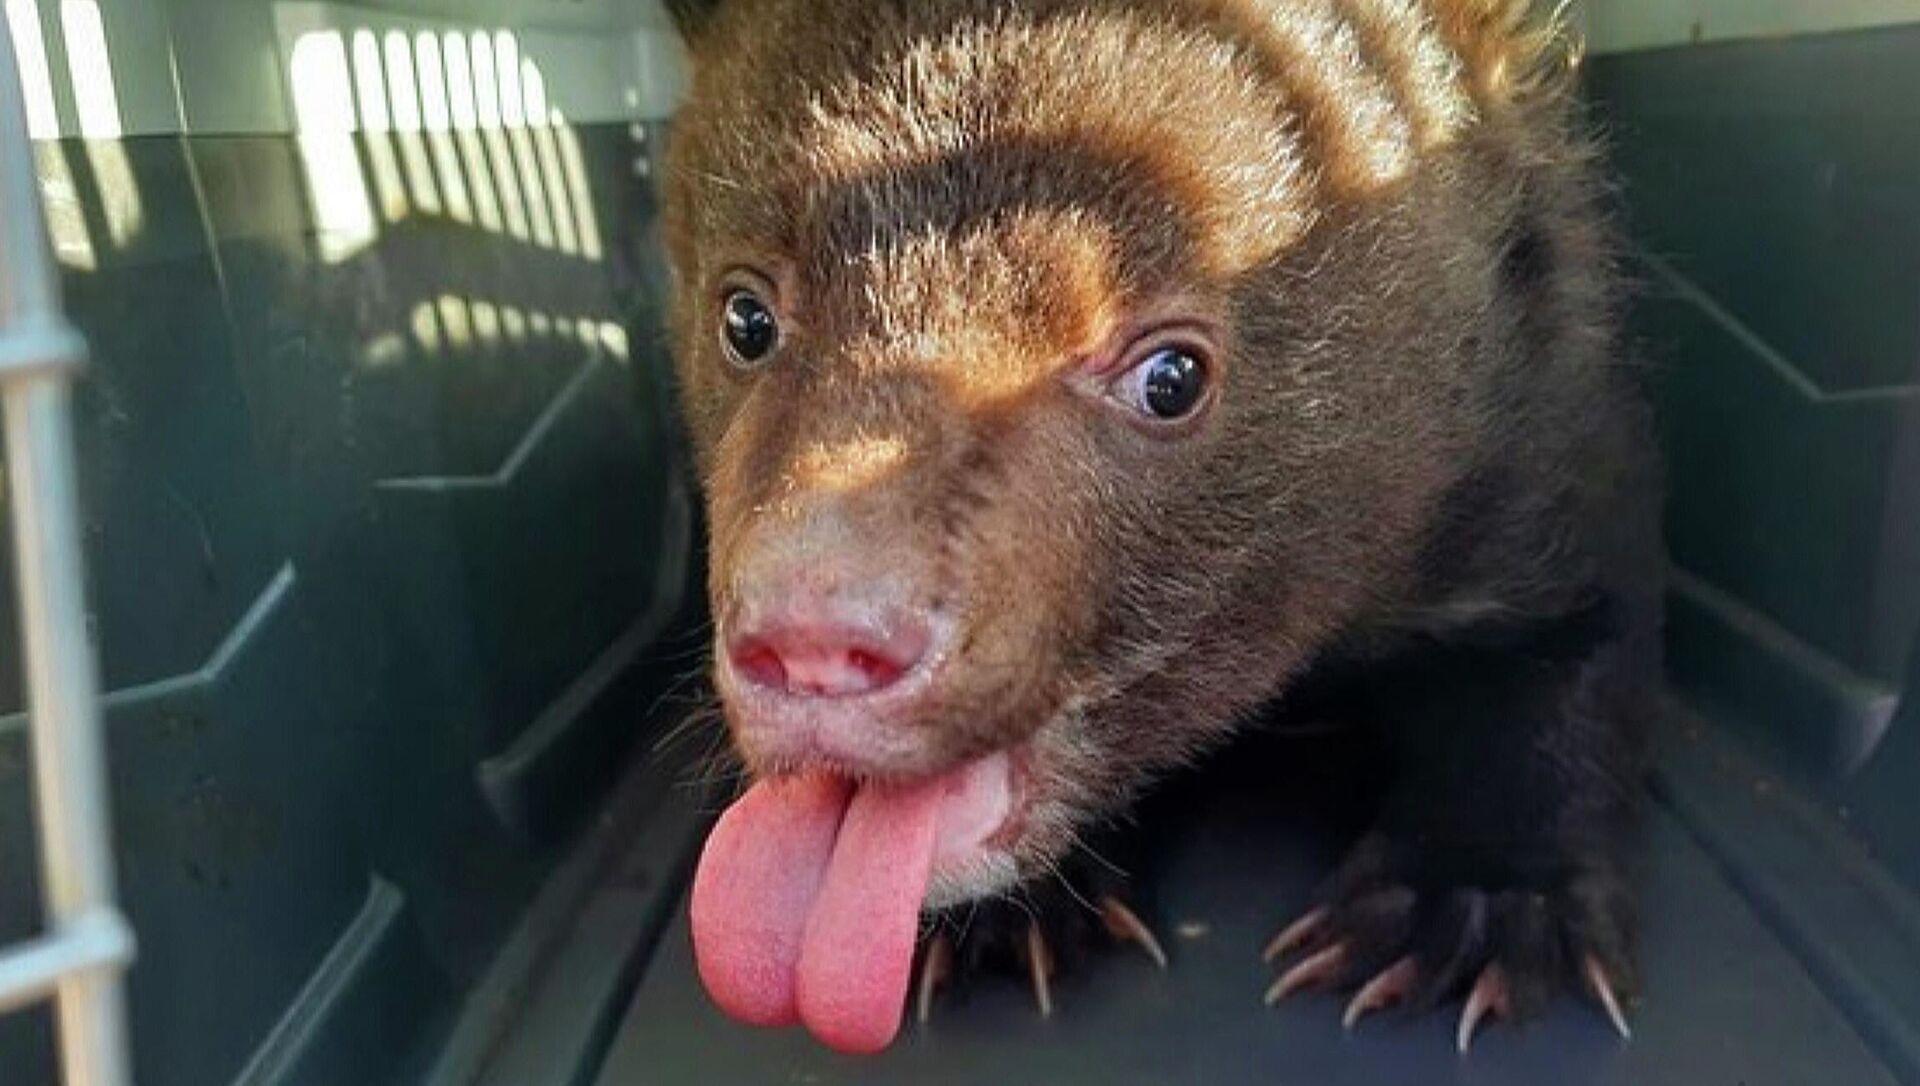 Nell'Estremo Oriente russo trovato e salvato cucciolo d'orso orfano - Sputnik Italia, 1920, 11.03.2021